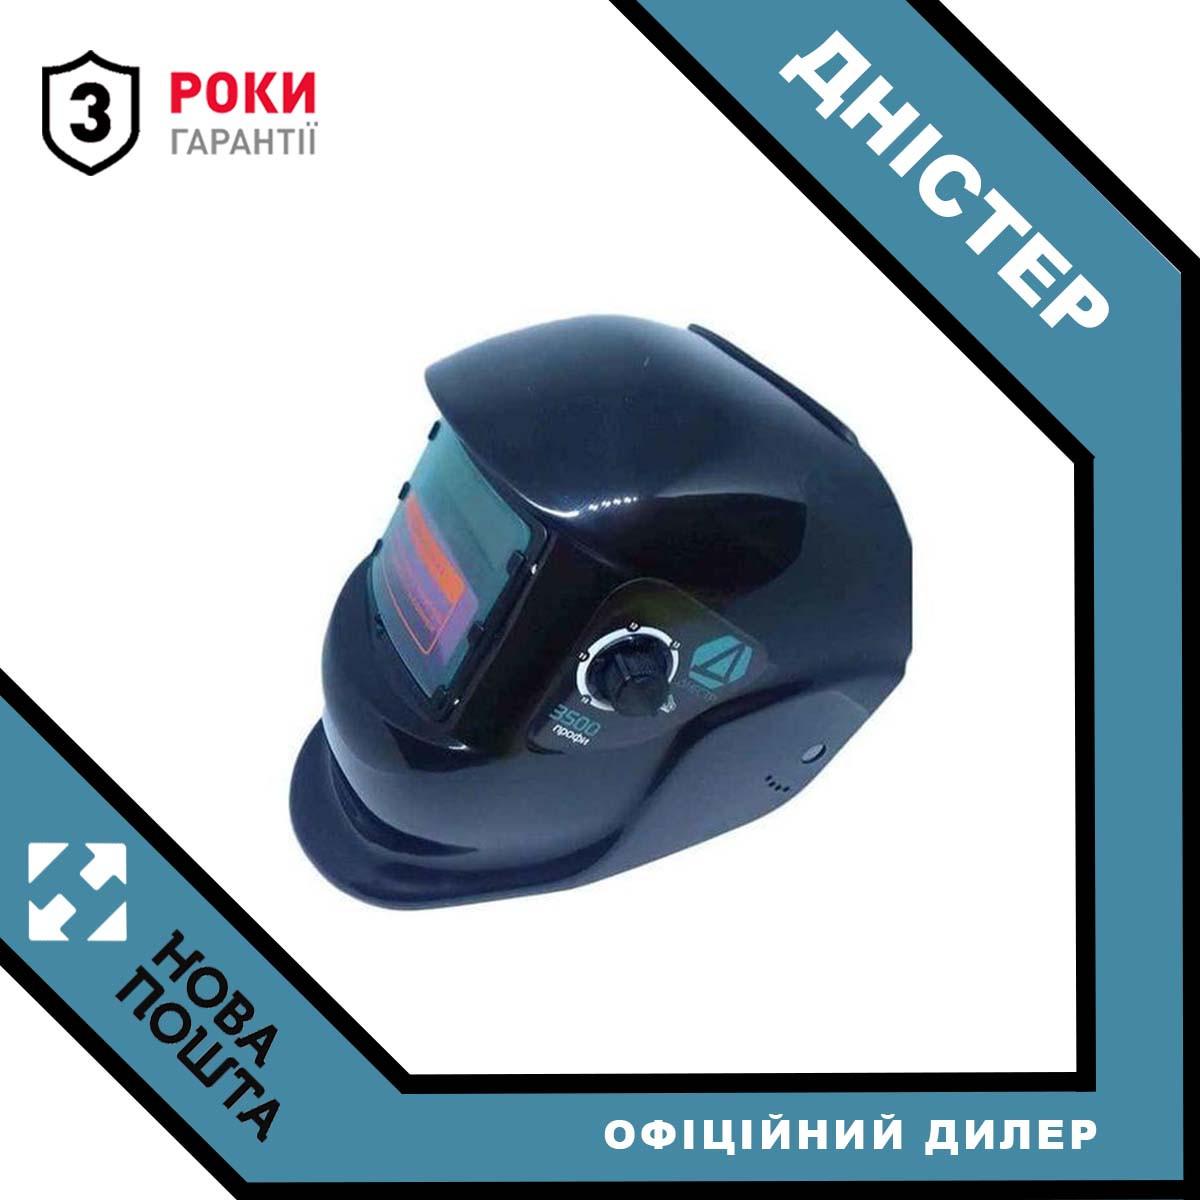 Сварочная маска ХАМЕЛЕОН Днестр 3500